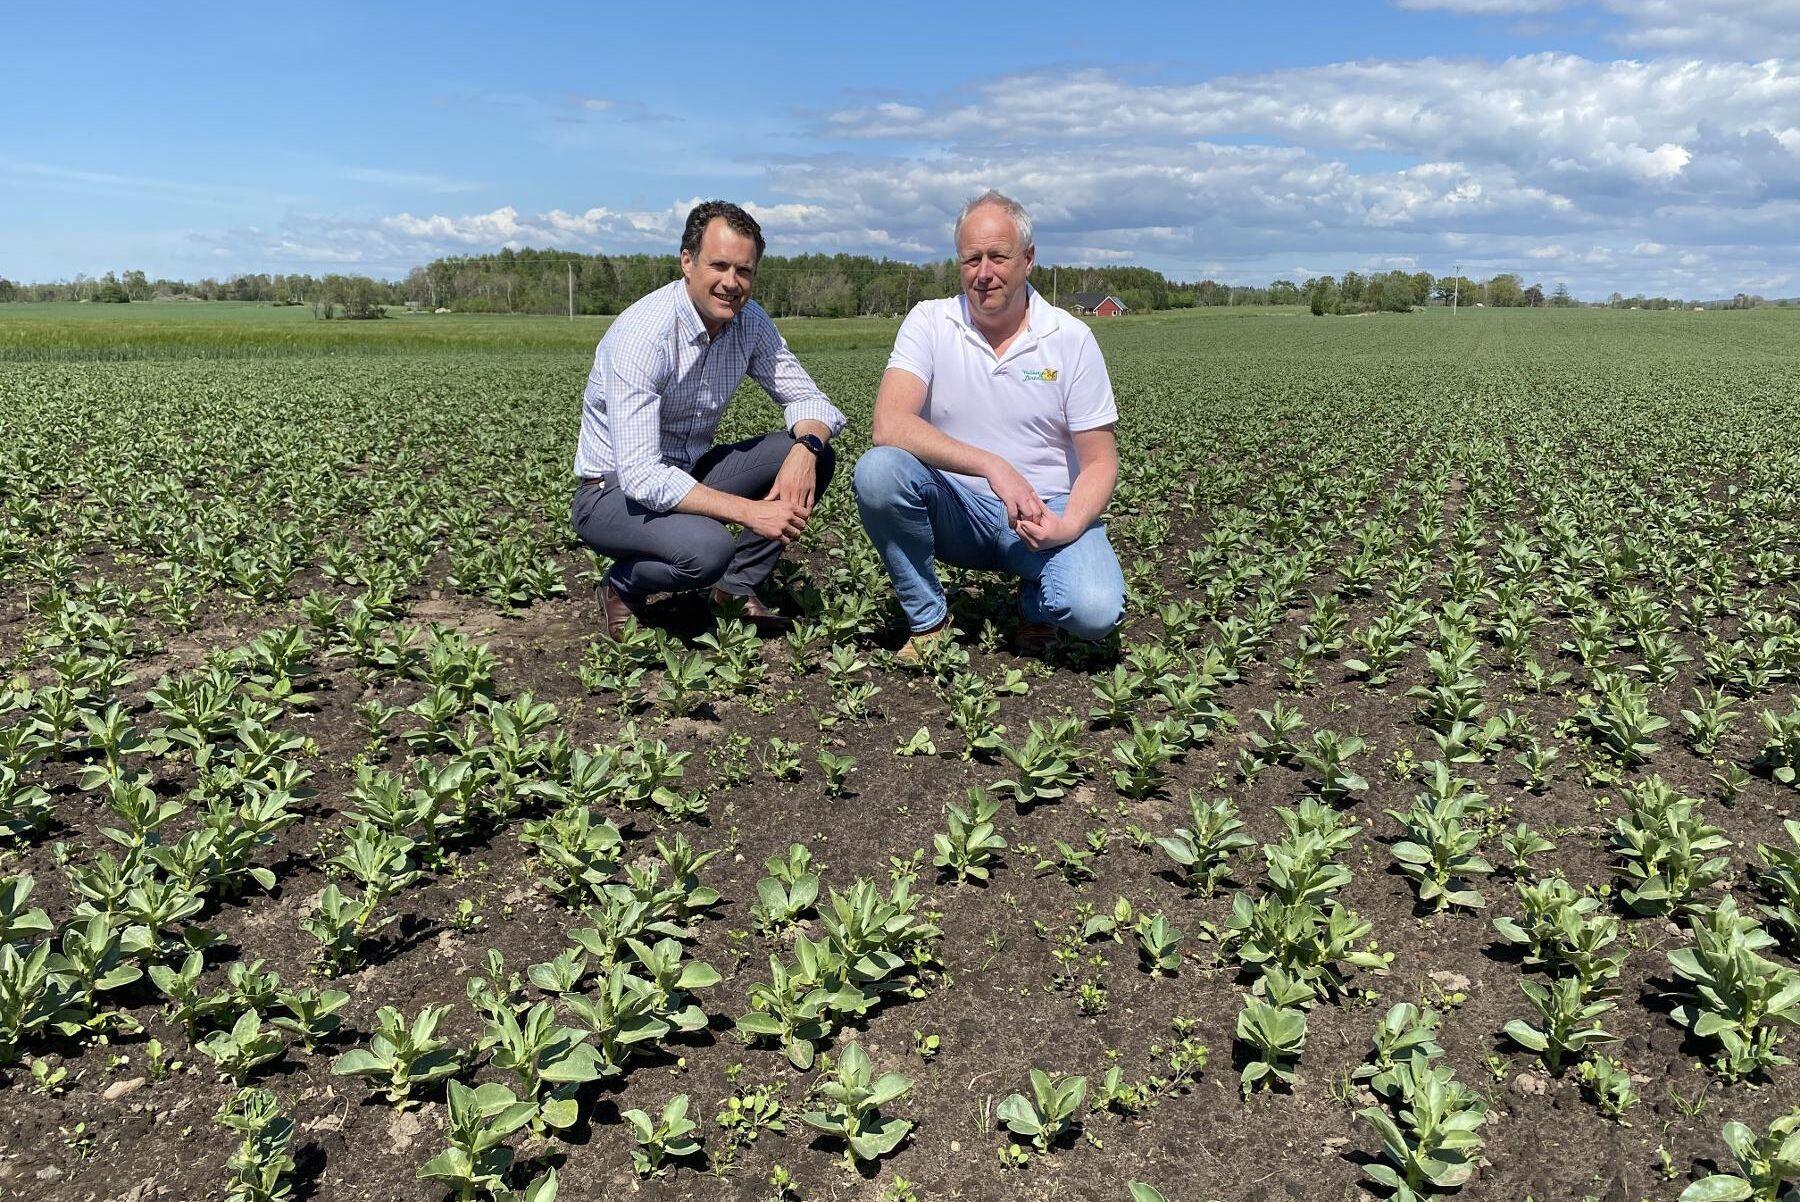 Vallberga Lantmän har kapacitet för mer åkerböna, enligt vd Jörgen Karlsson (till vänster) och foderchef Jörgen Tagesson.